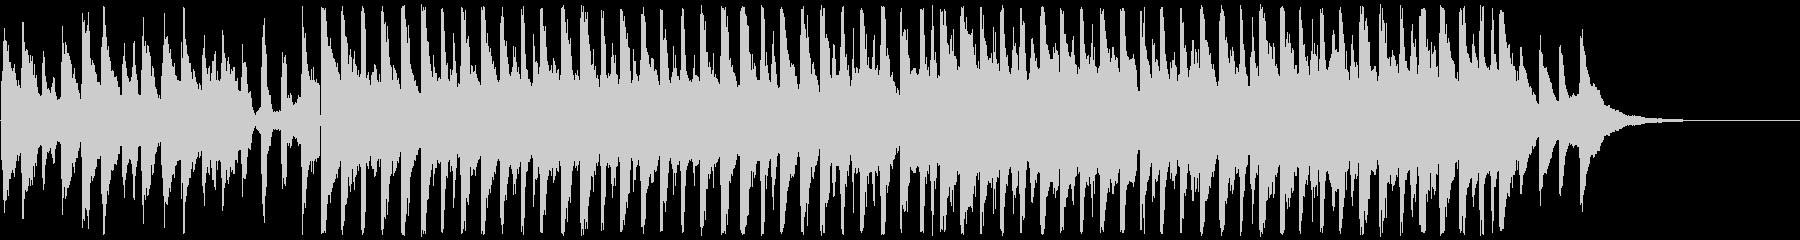 【30秒版】アップテンポなコンセプトムーの未再生の波形